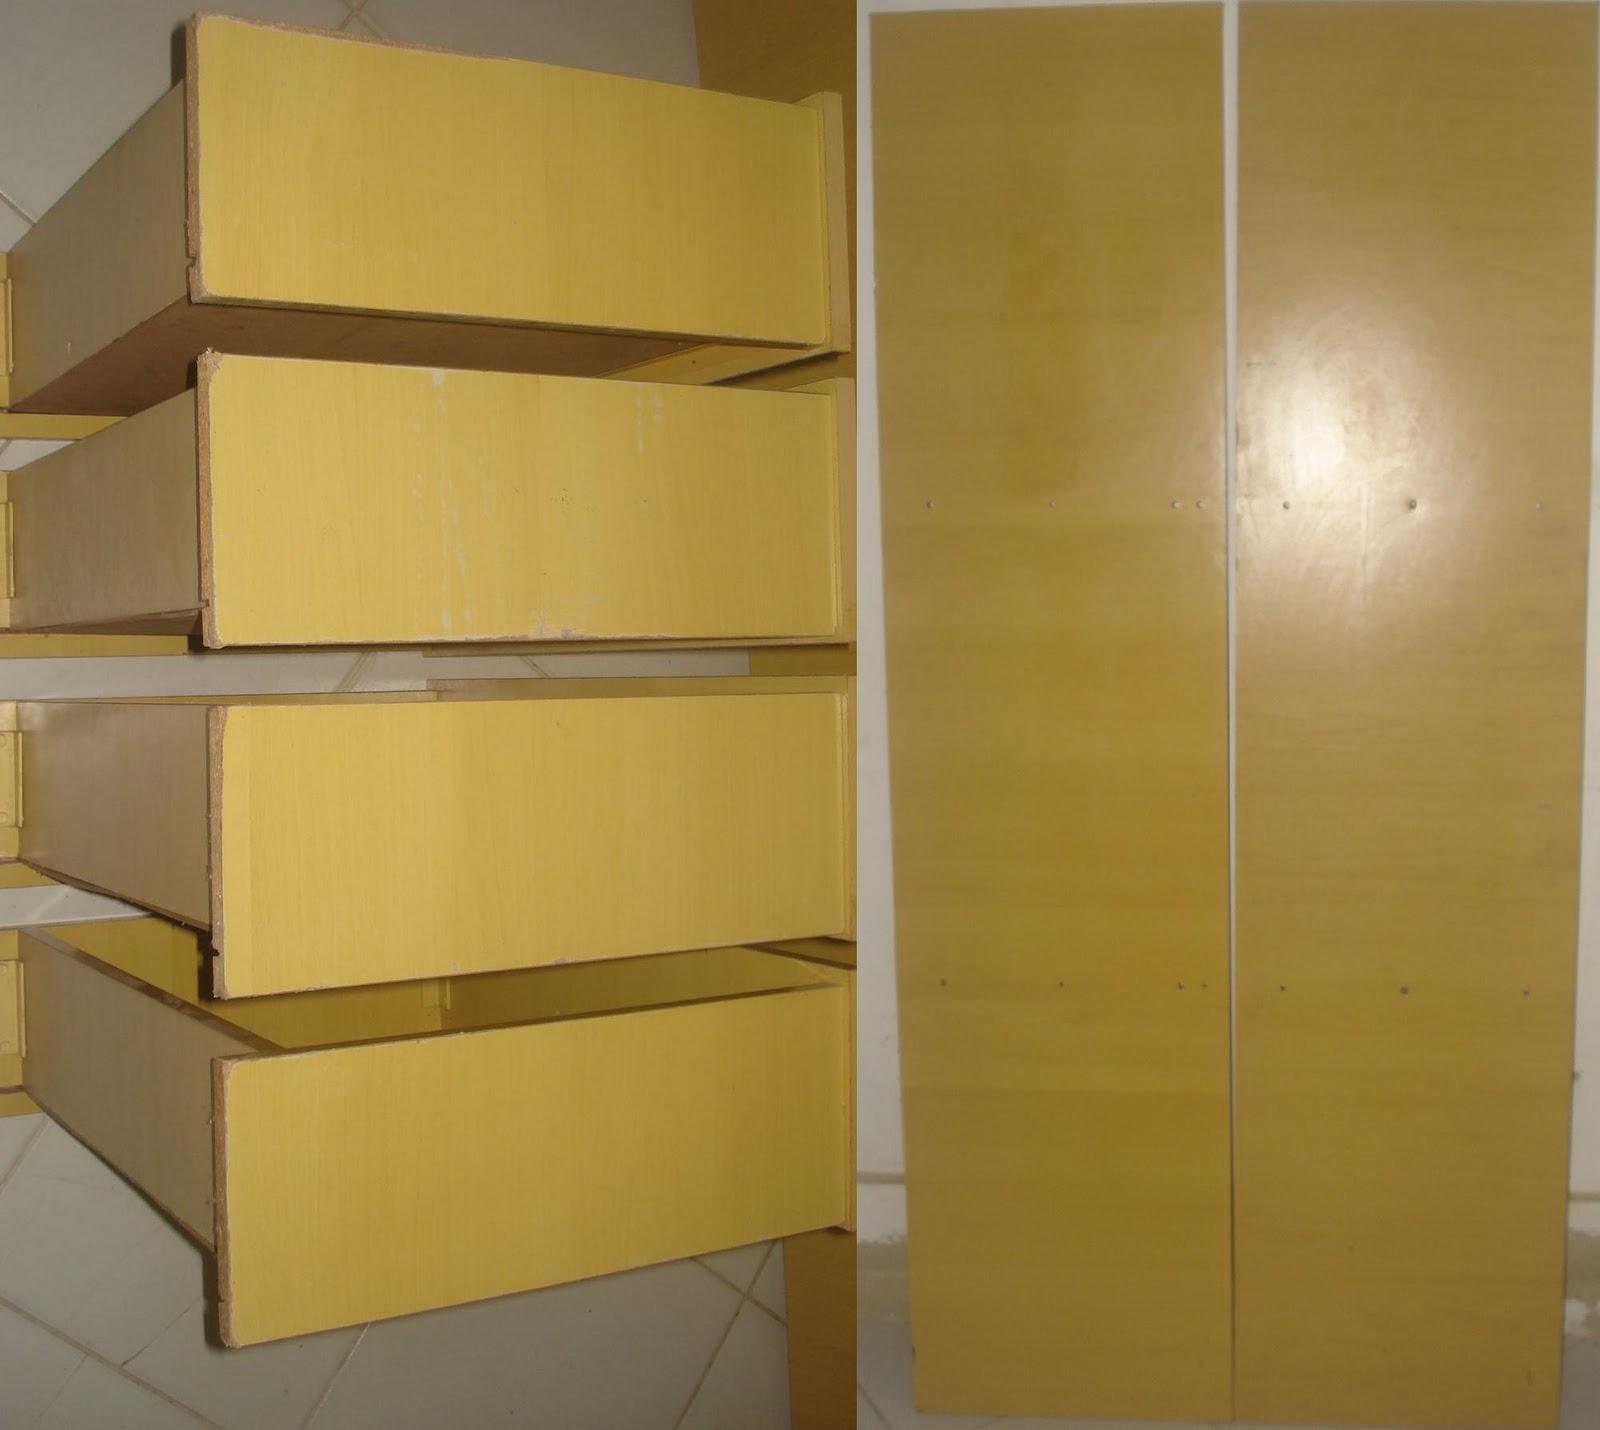 de quatro gavetas e duas peças de madeira compensado ou MDF  #9E7F2D 1600x1430